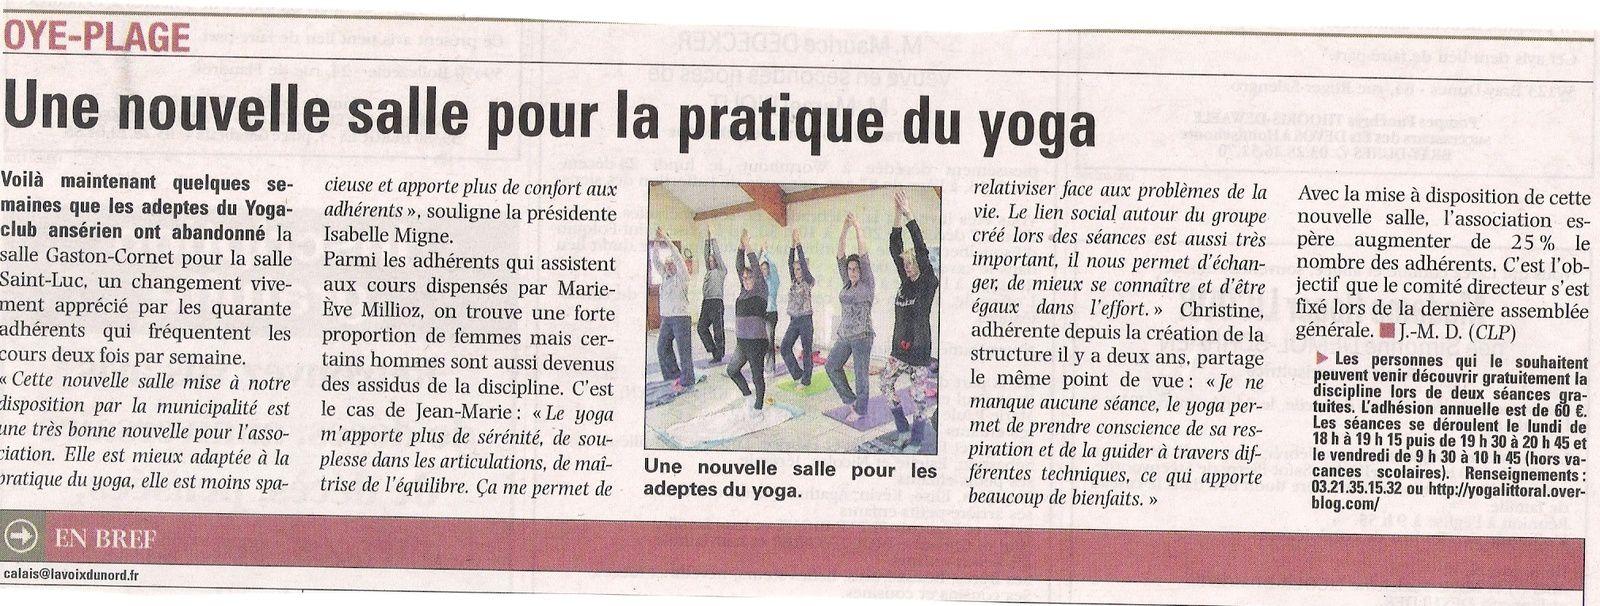 Une nouvelle salle de yoga à Oye-Plage